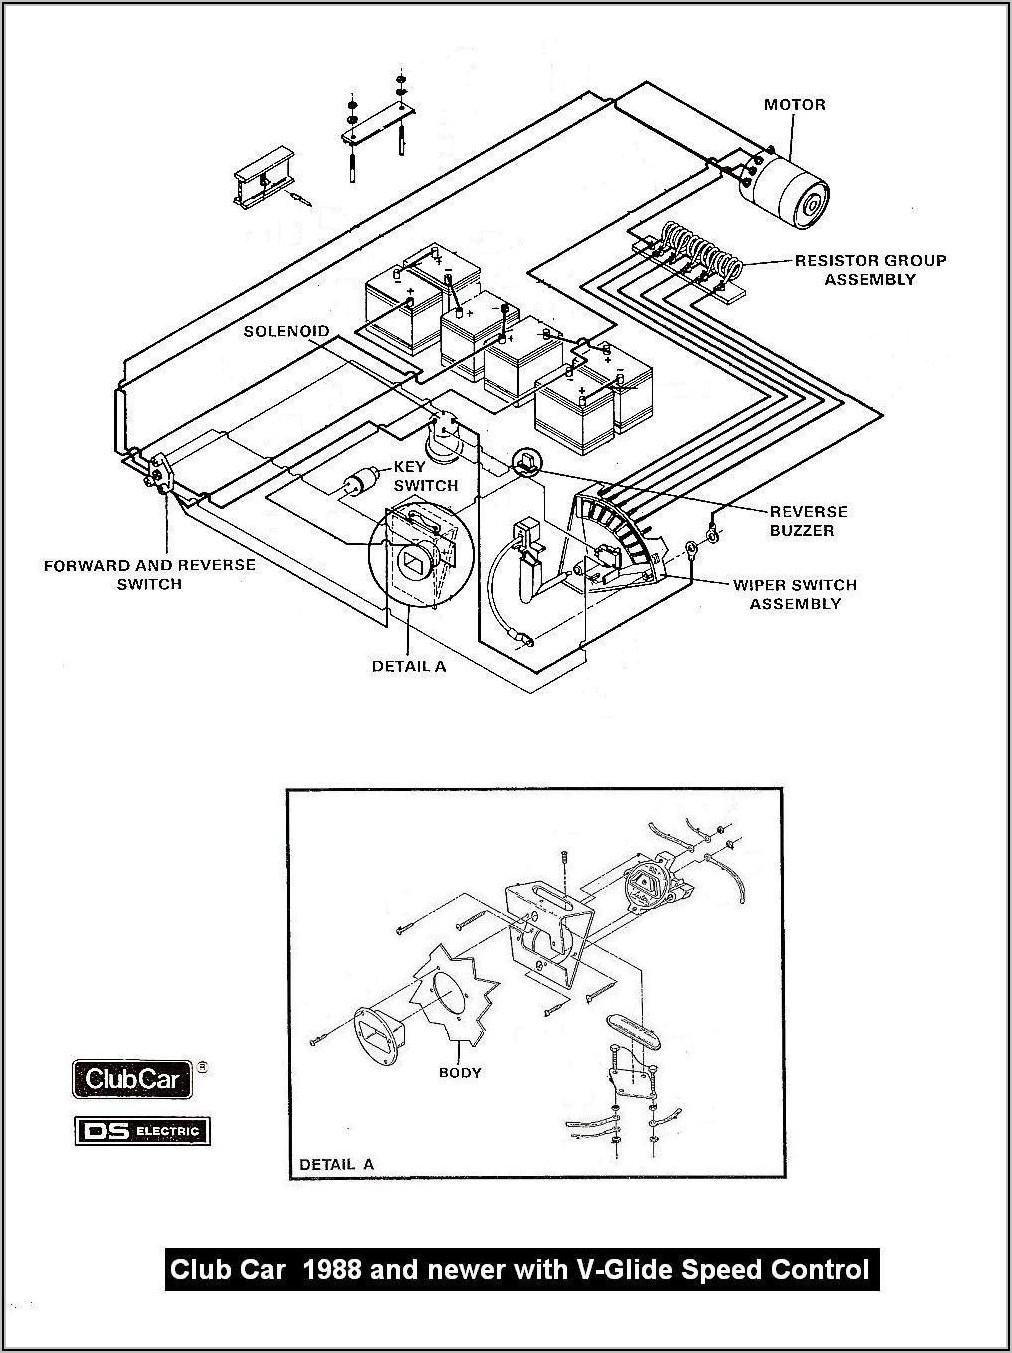 Club Car Wiring Diagram 48 Volt Pdf